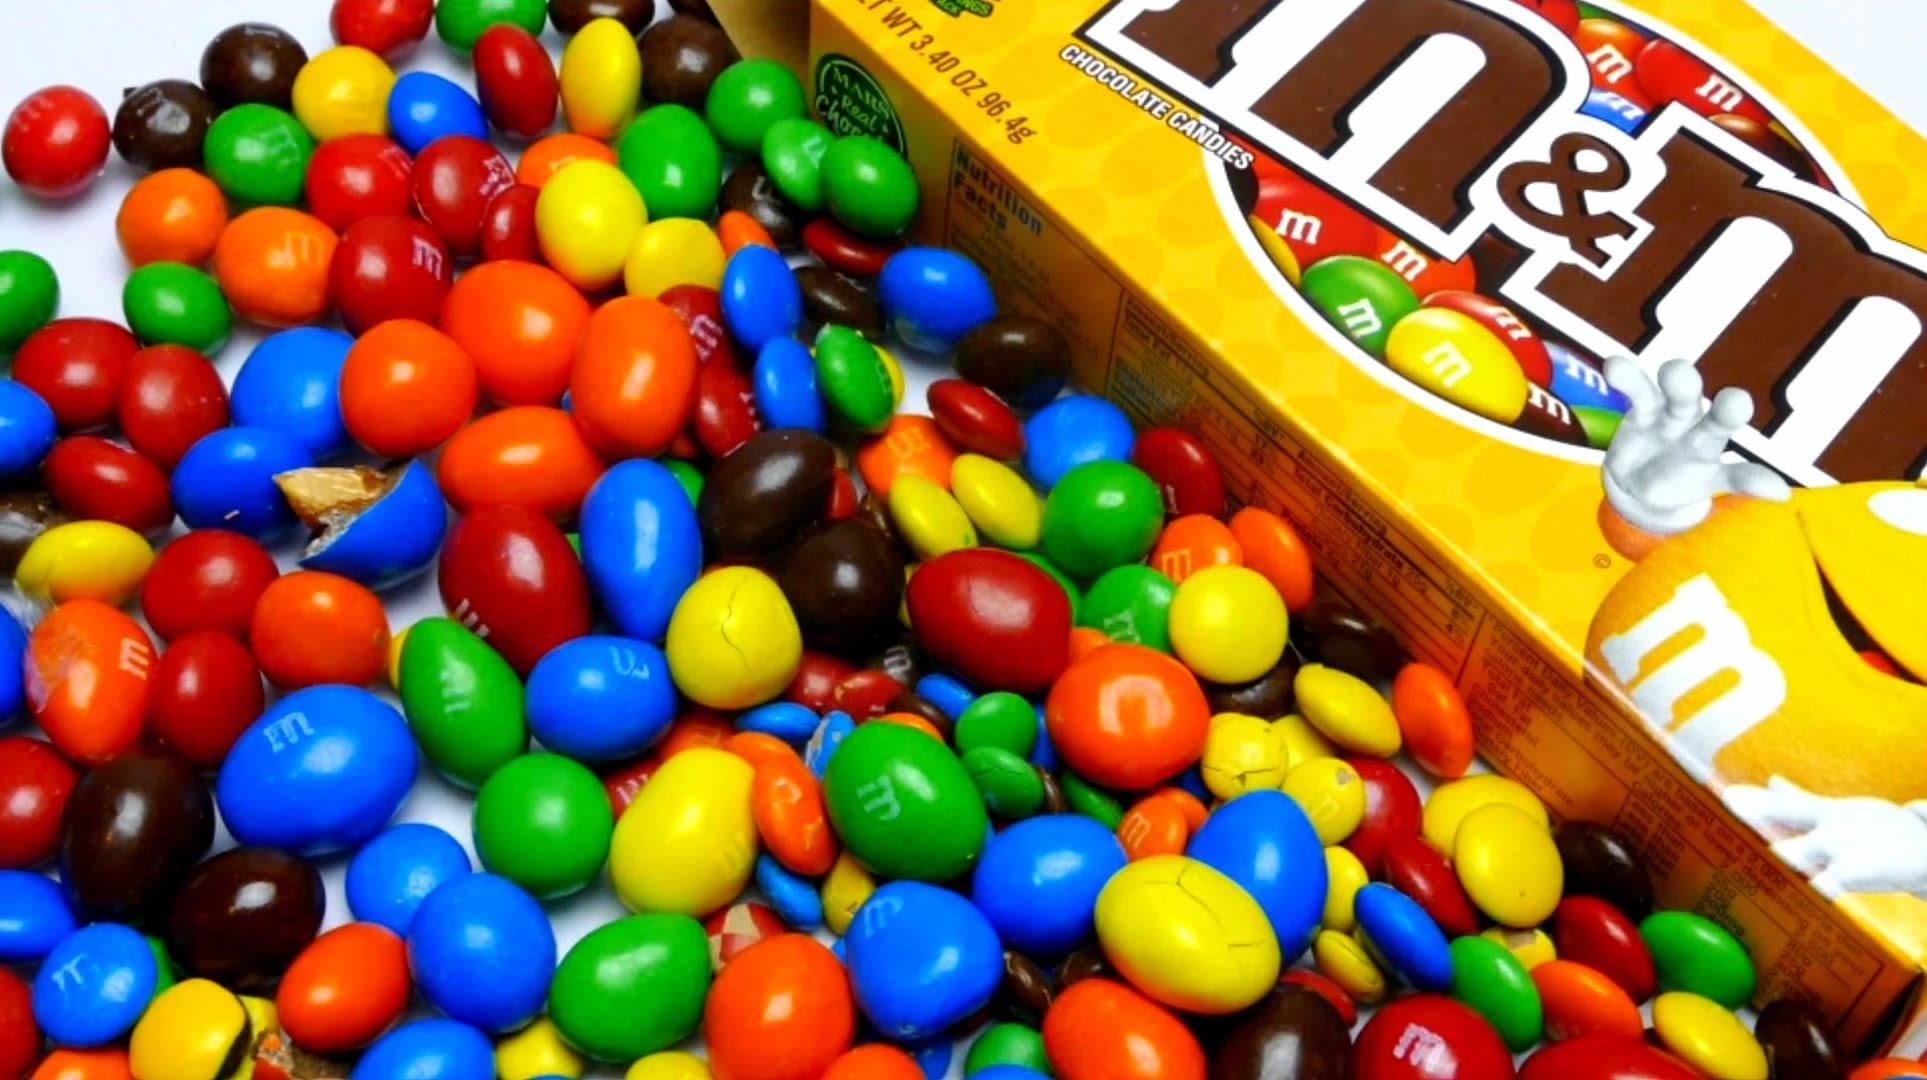 Pudelko cukierkow i rozsypane kolorowe cukierki